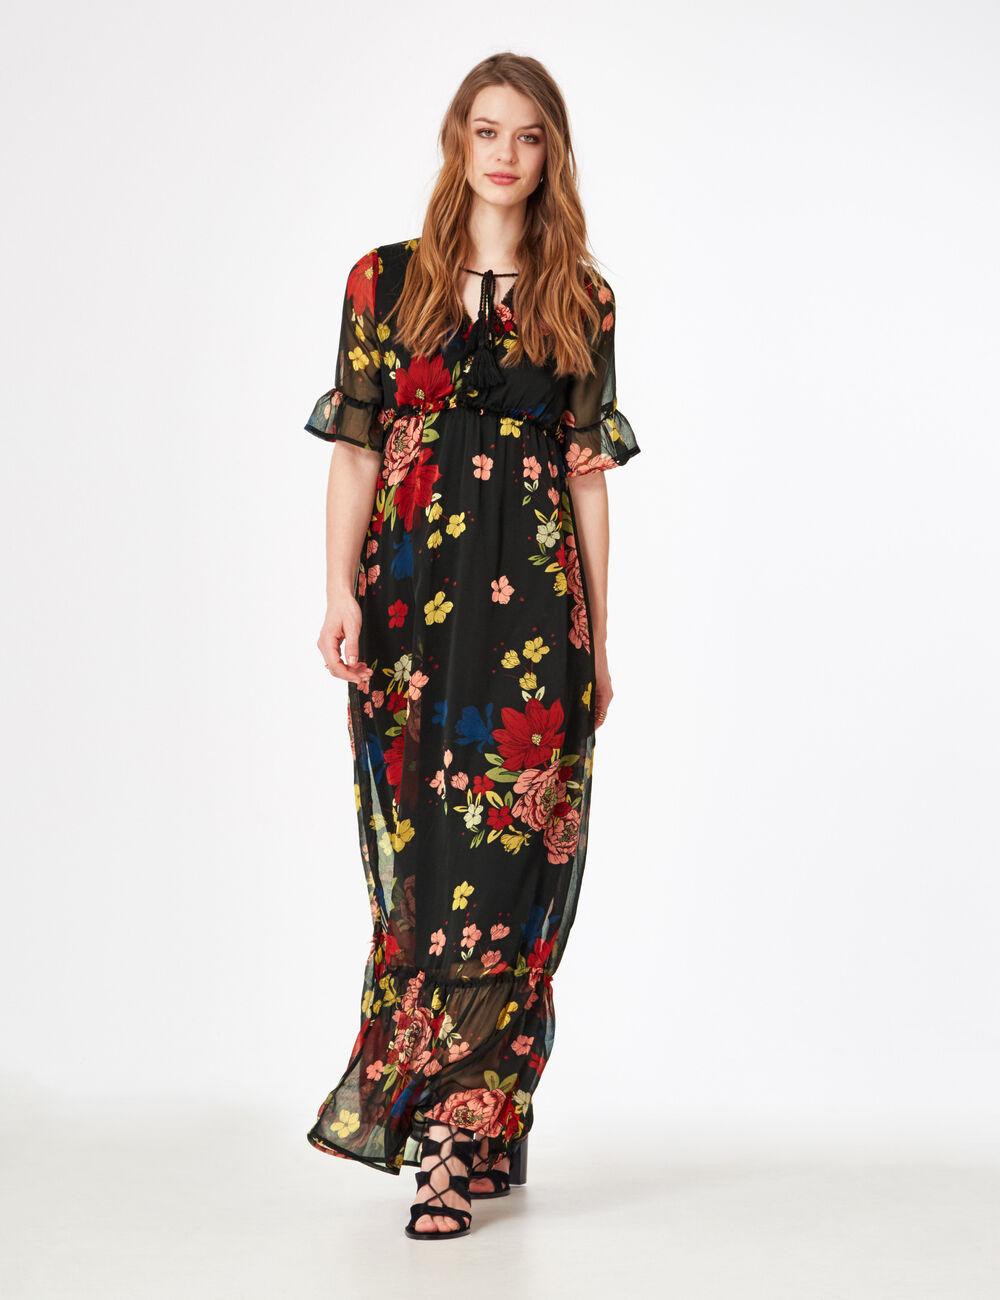 Robe Fleurie Longue Avec Manche Courte Robes A La Mode De 2018 2019